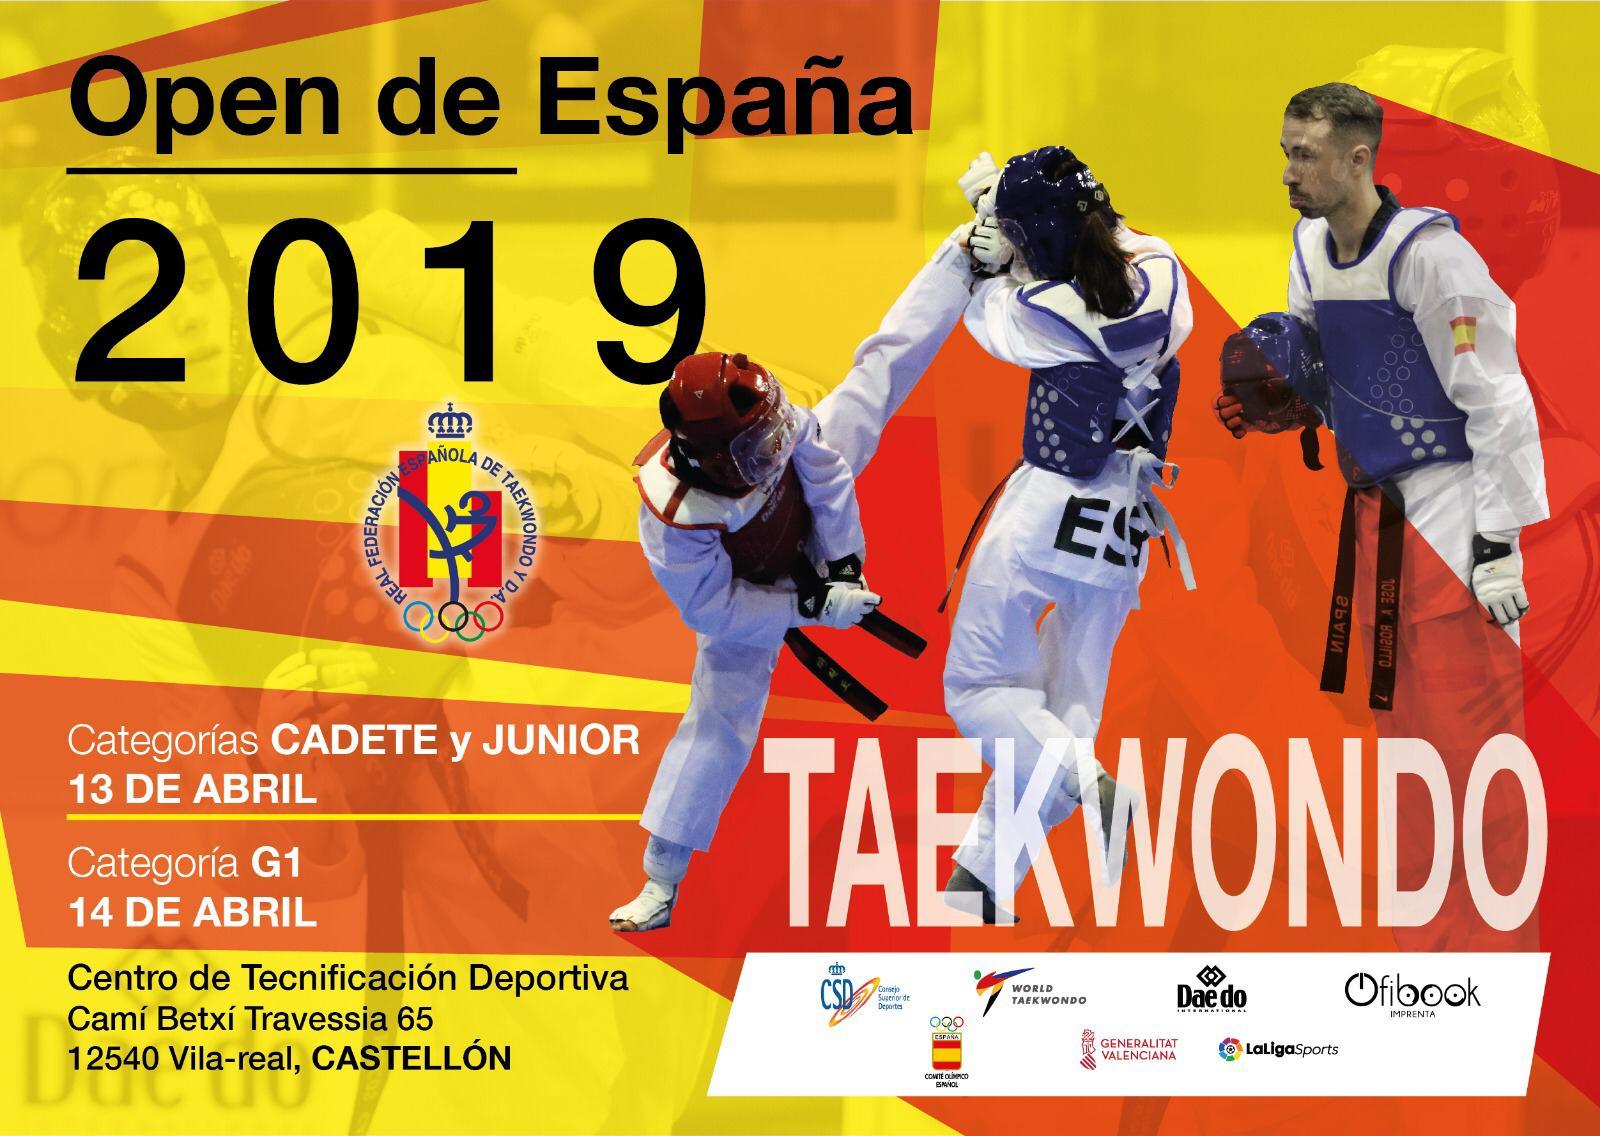 OPEN DE ESPAÑA- Taekwondo